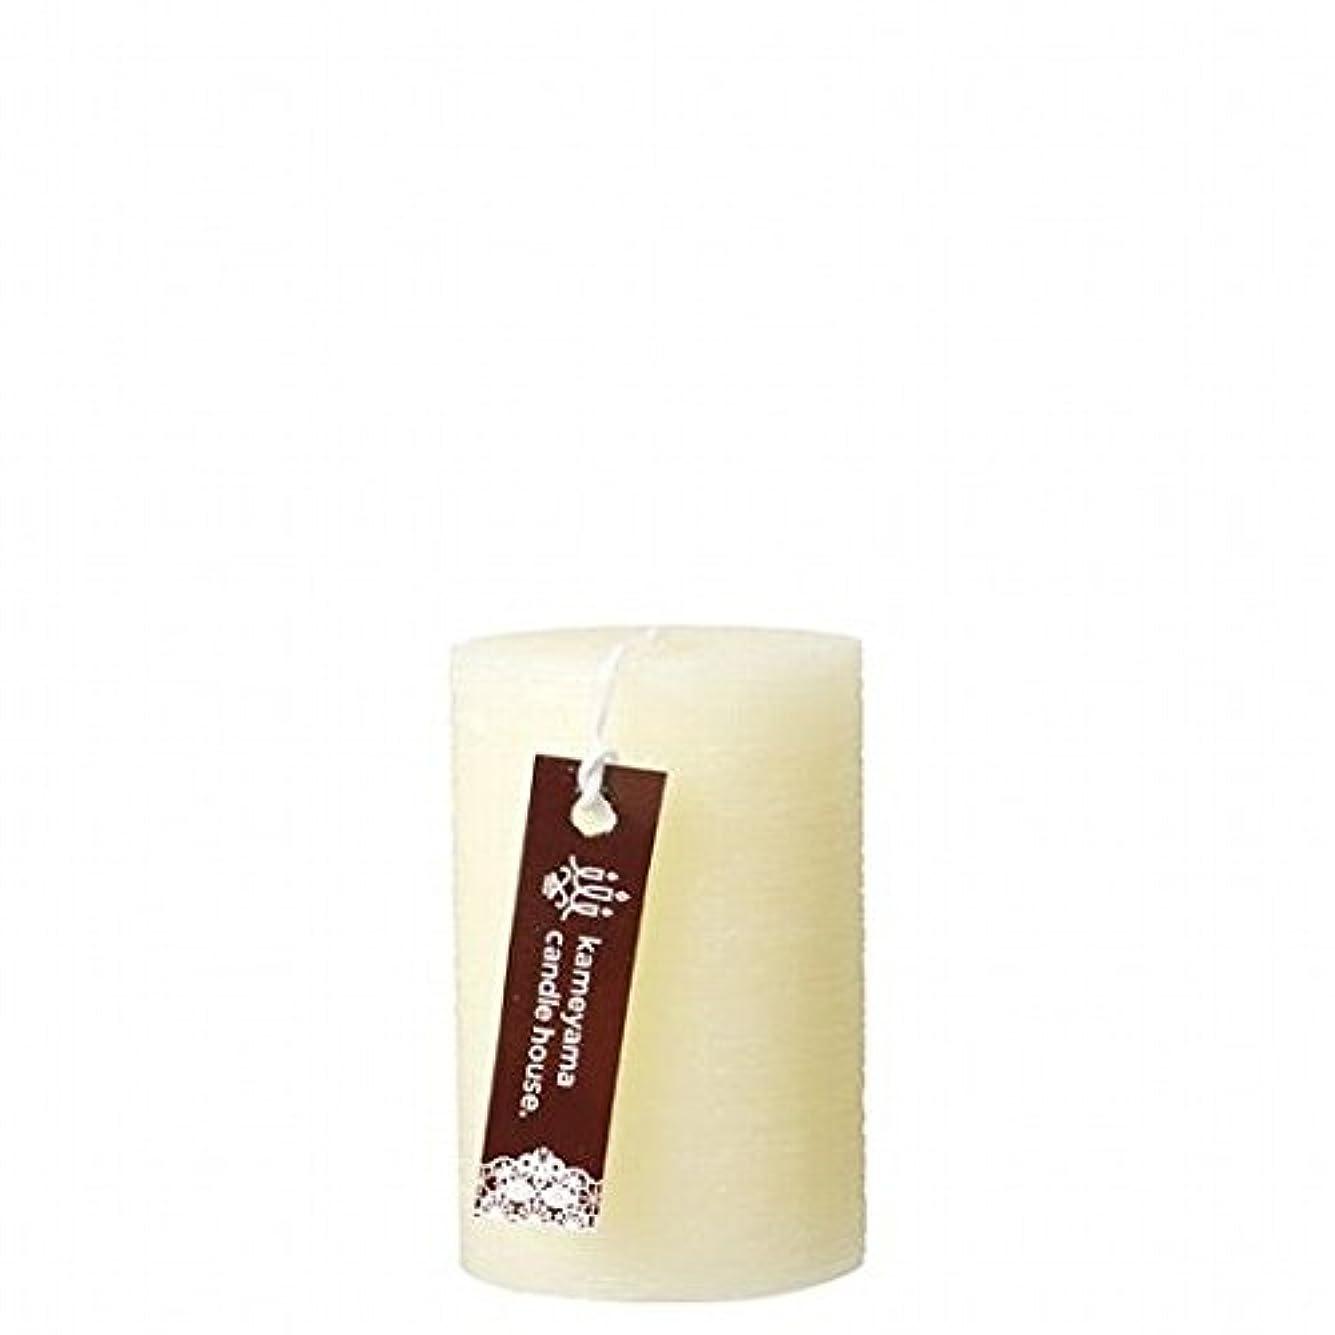 摩擦リフト雇うkameyama candle(カメヤマキャンドル) ブラッシュピラー2×3 「 アイボリー 」(A8310000IV)